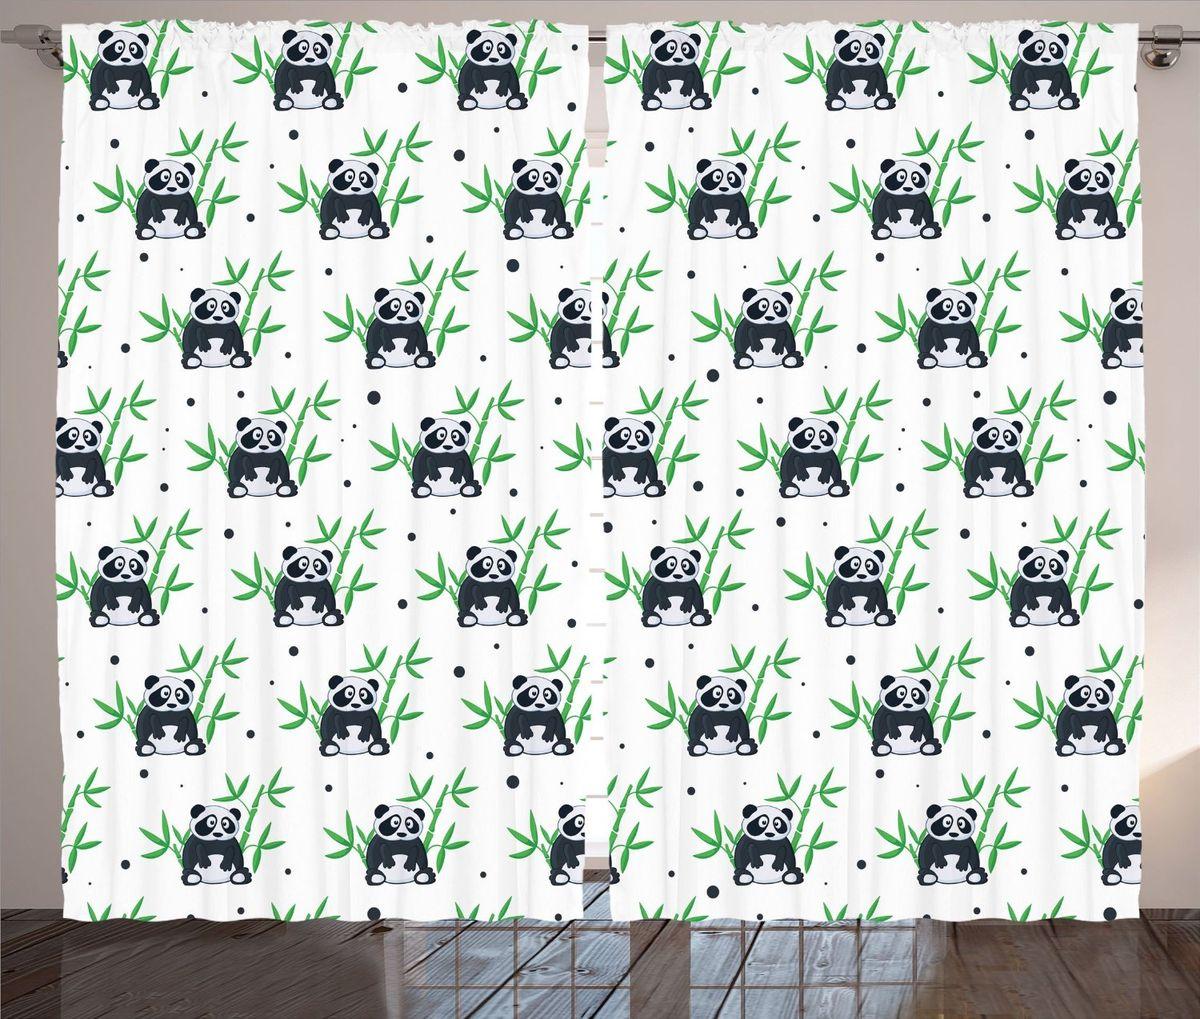 Комплект фотоштор Magic Lady Панды и бамбук, на ленте, высота 265 смшсг_12186Фотошторы Magic Lady Панды и бамбук, изготовленные из высококачественного сатена (полиэстер 100%), отлично дополнят любой интерьер. При изготовлении используются специальные гипоаллергенные чернила для прямой печати по ткани, безопасные для человека и животных. Крепление на карниз при помощи шторной ленты на крючки.В комплекте 2 шторы, 50 крючков. Ширина одного полотна: 145 см.Высота штор: 265 см.Изображение на мониторе может немного отличаться от реального.